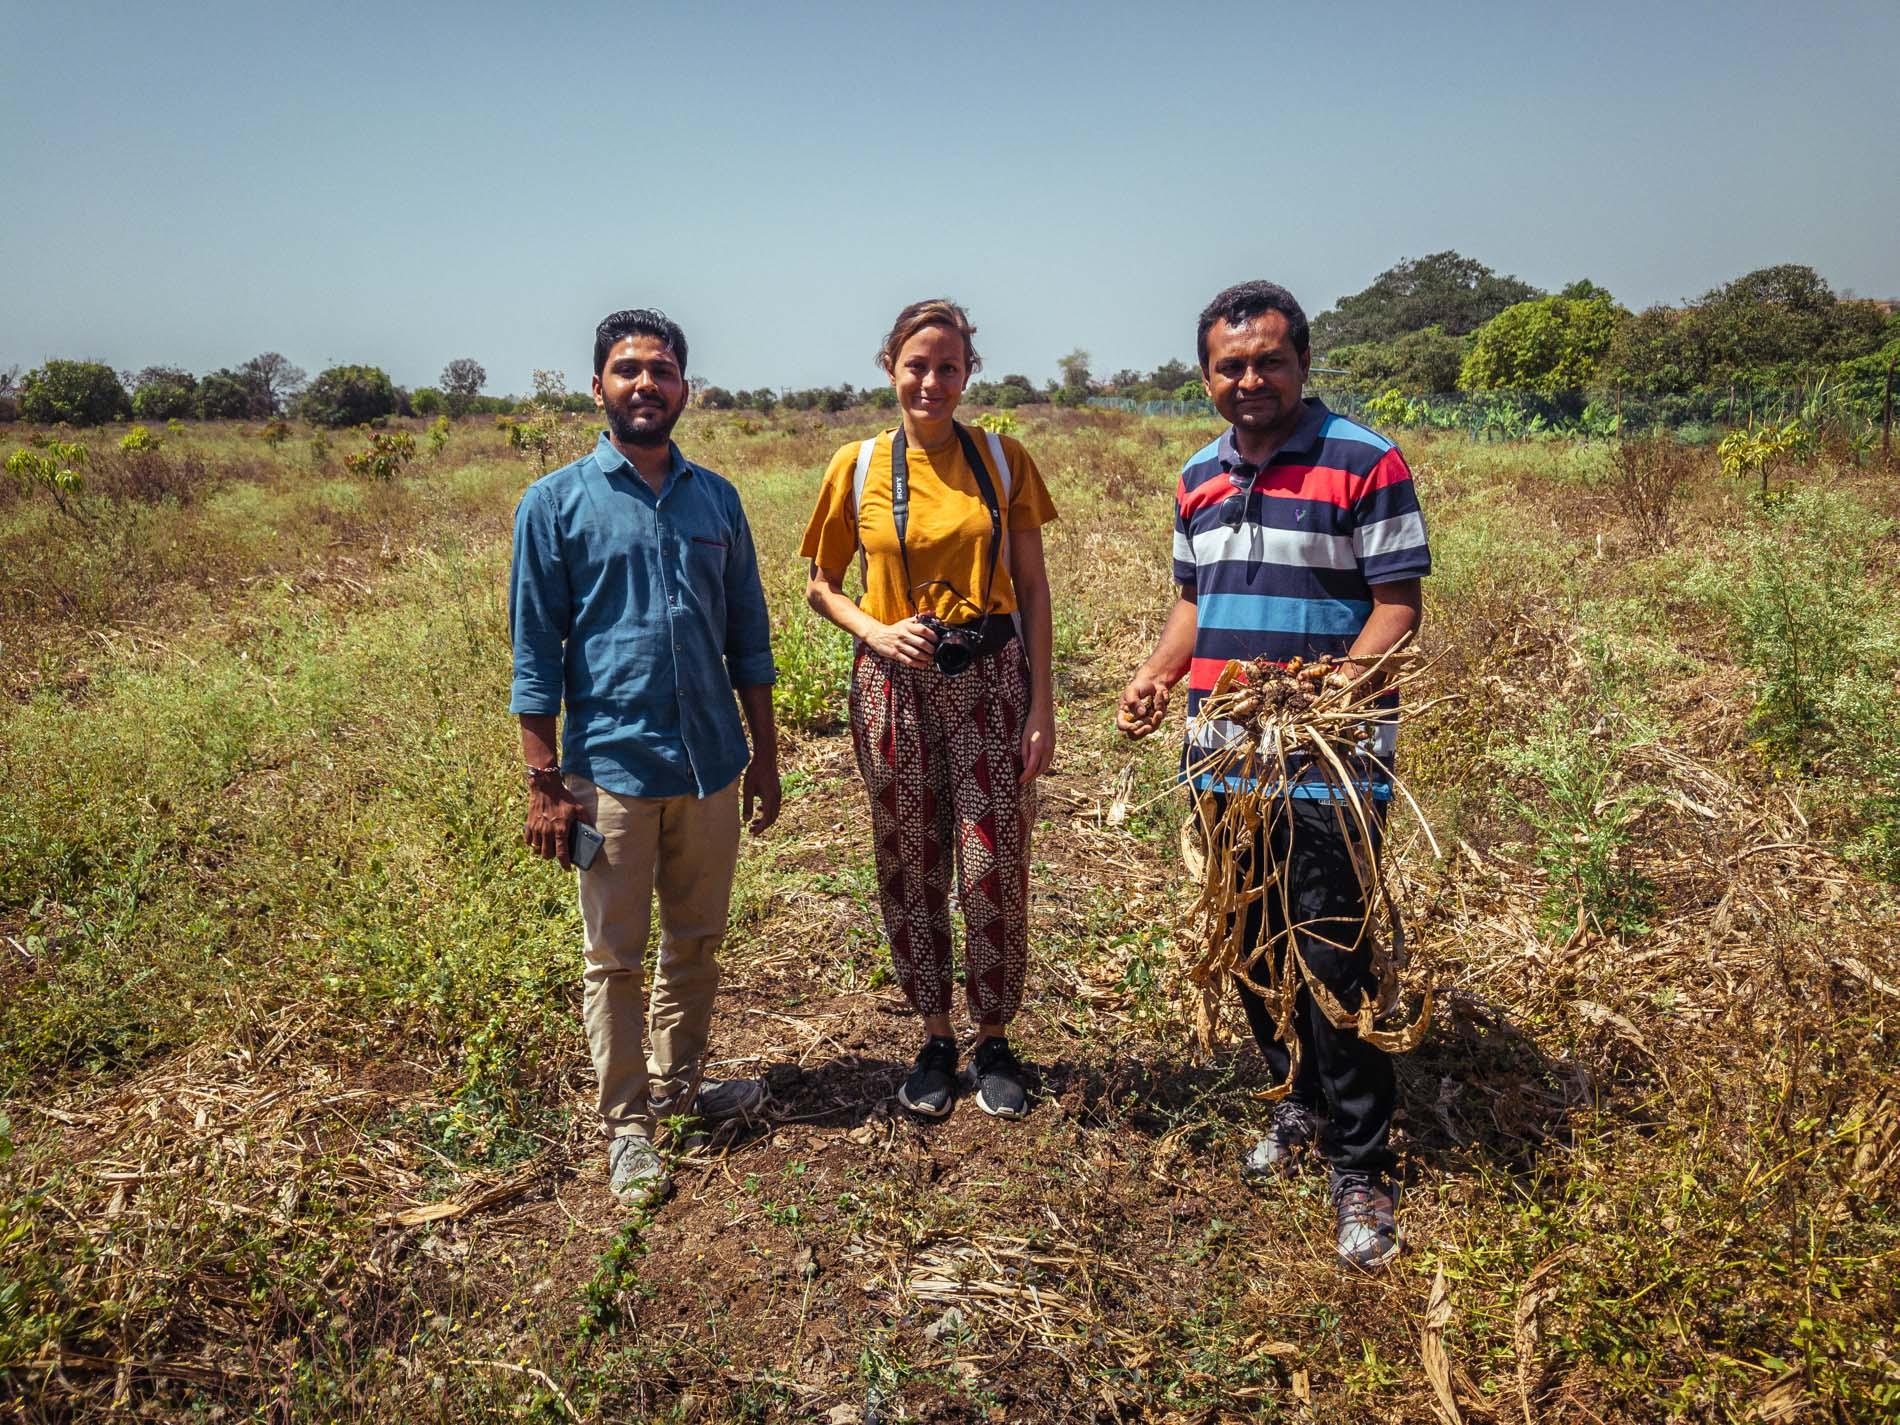 Un curcuma naturel dans les terres d'une immense forêt sèche au fin fond du Gujarat au nord-ouest de l'Inde